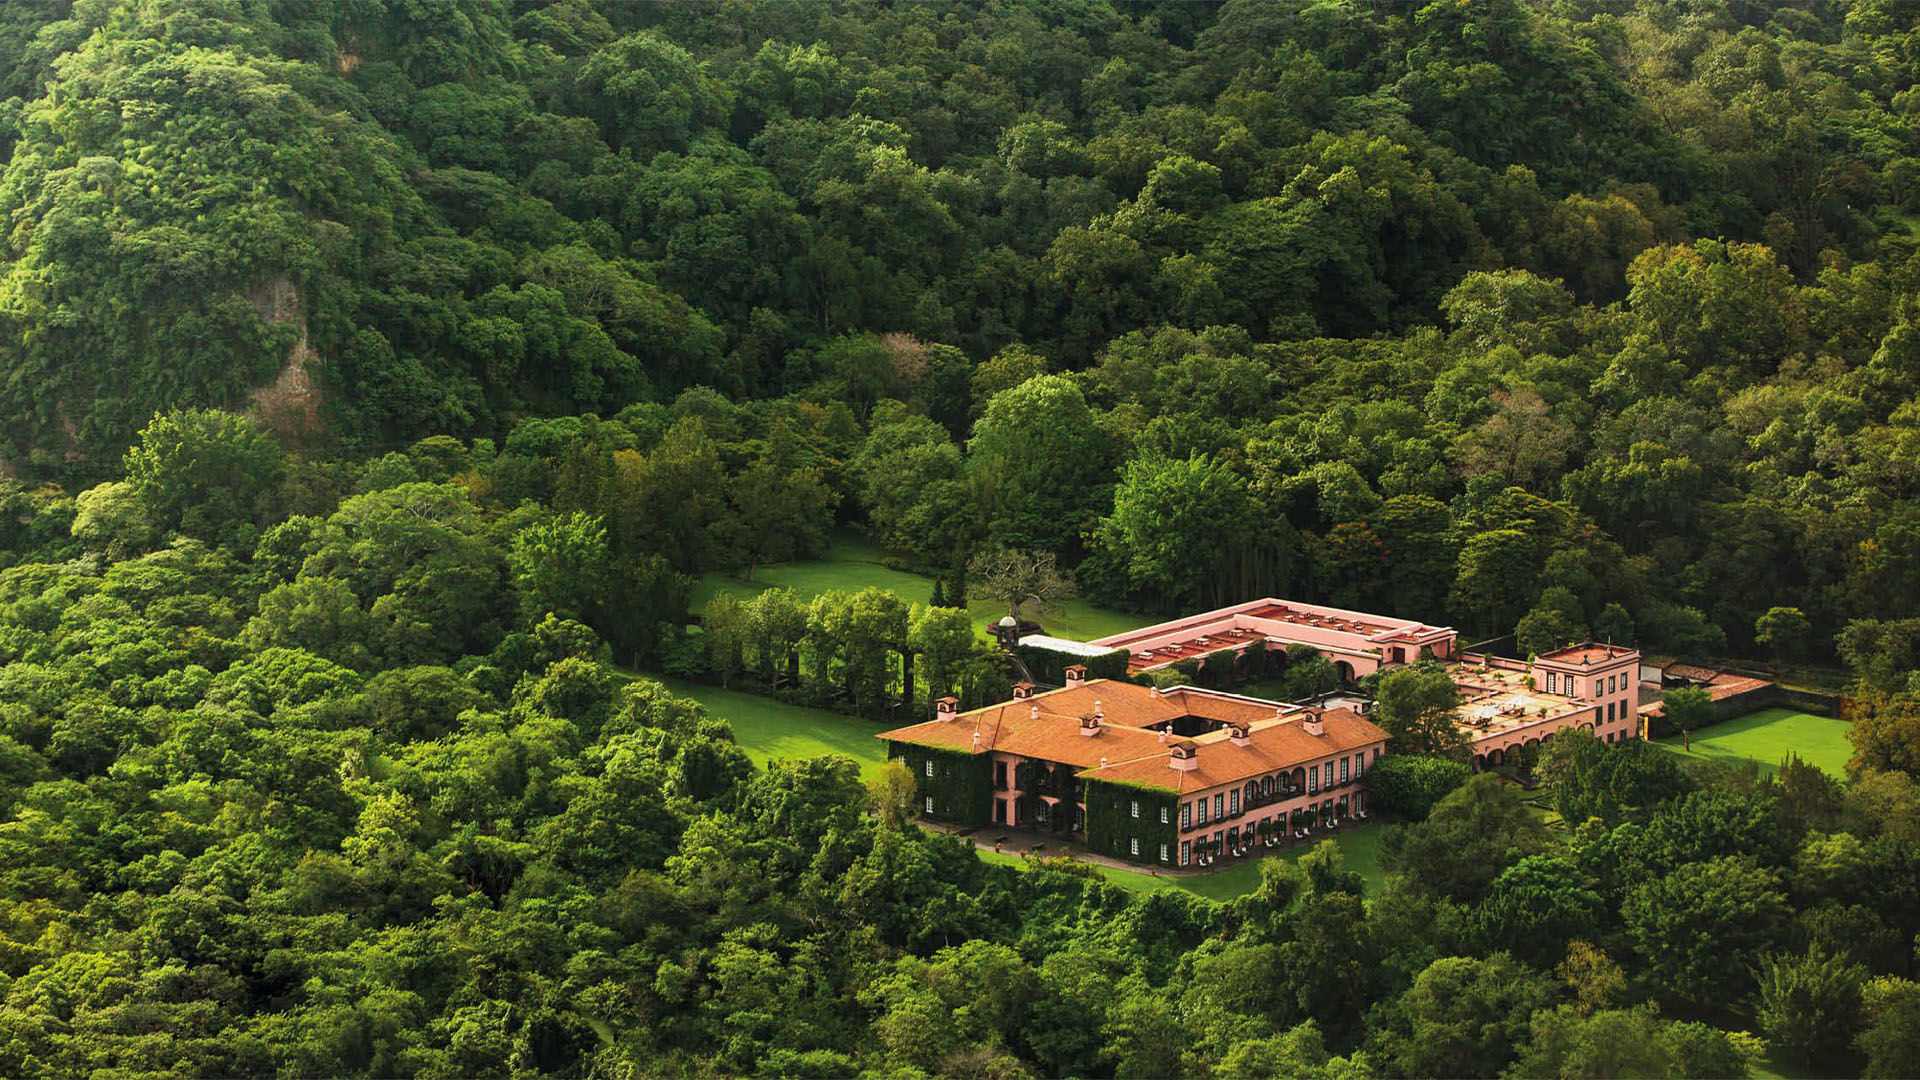 Hacienda San Antonio